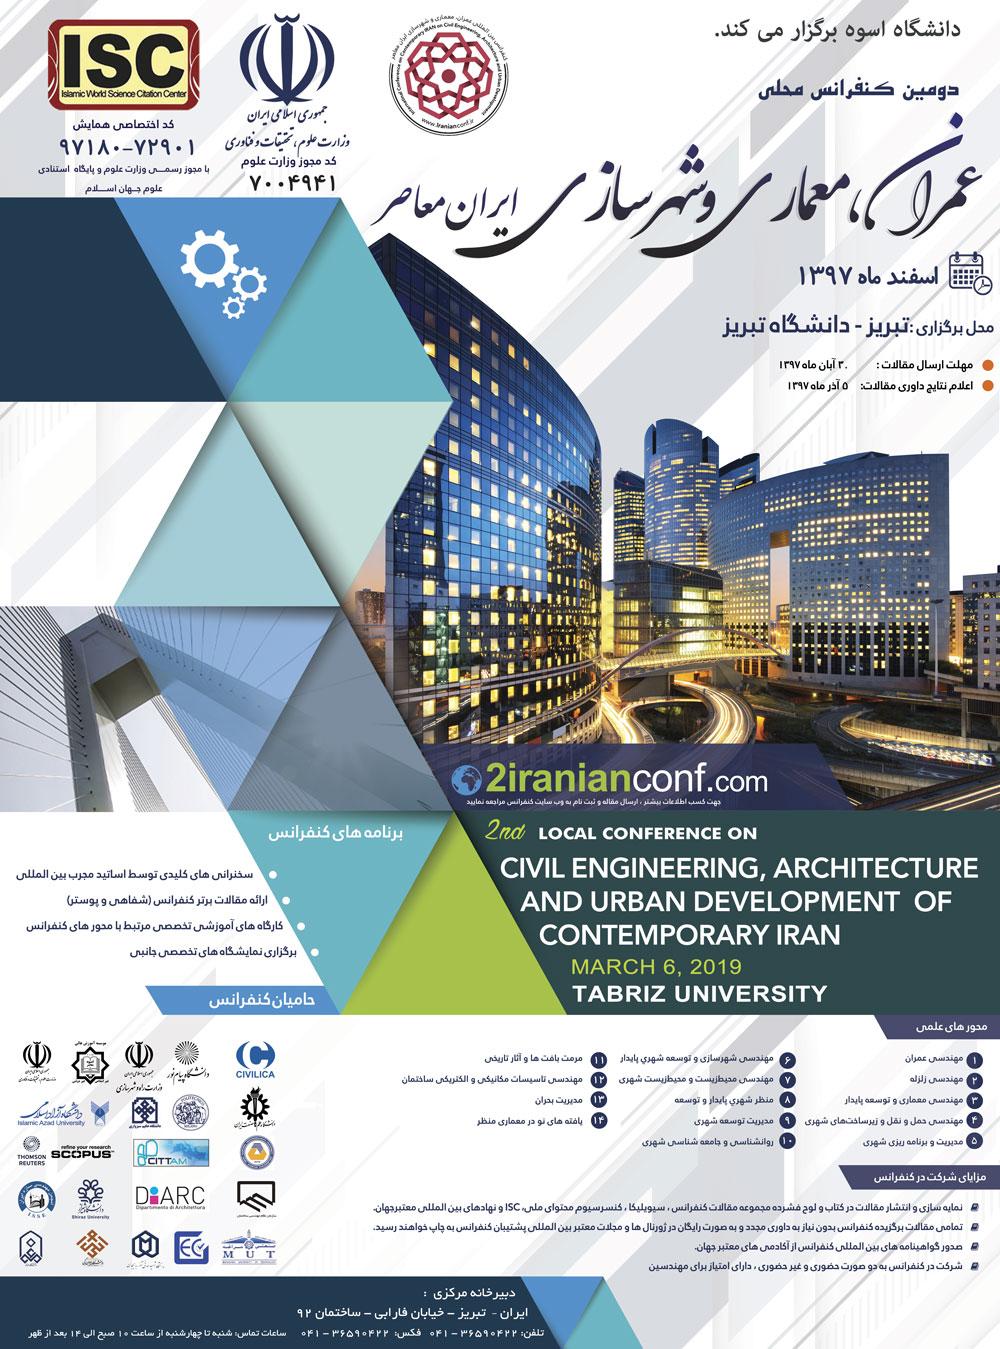 عمران، معماری و شهرسازی ایران معاصر